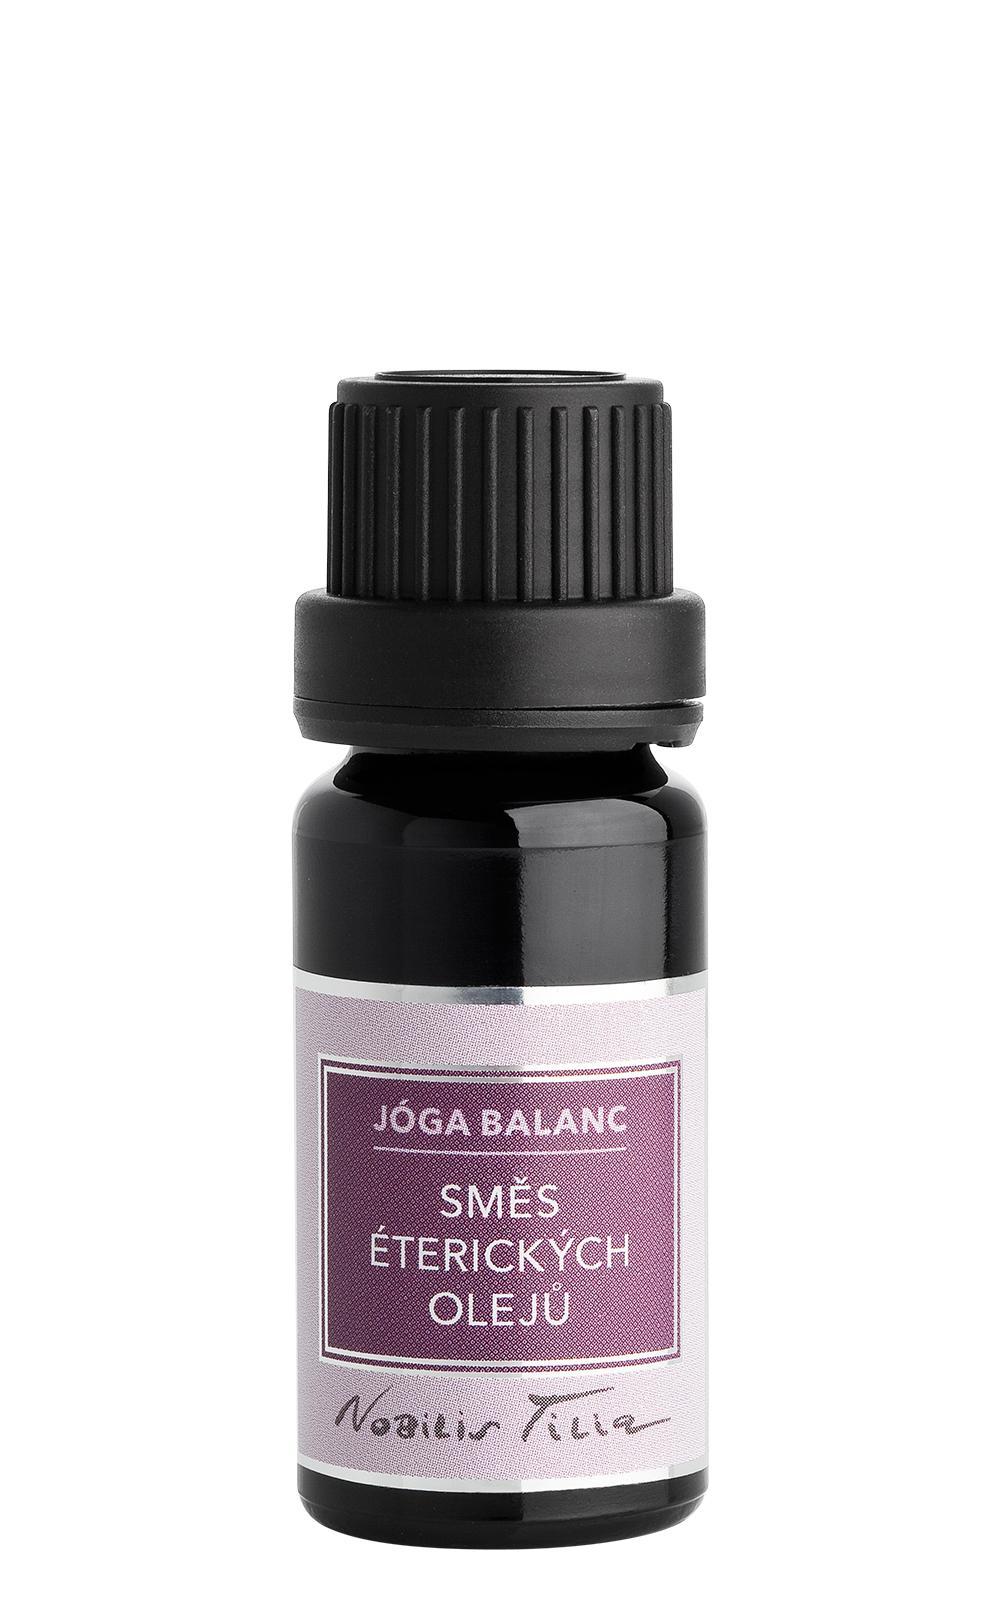 Směs éterických olejů Jóga balanc: 10 ml